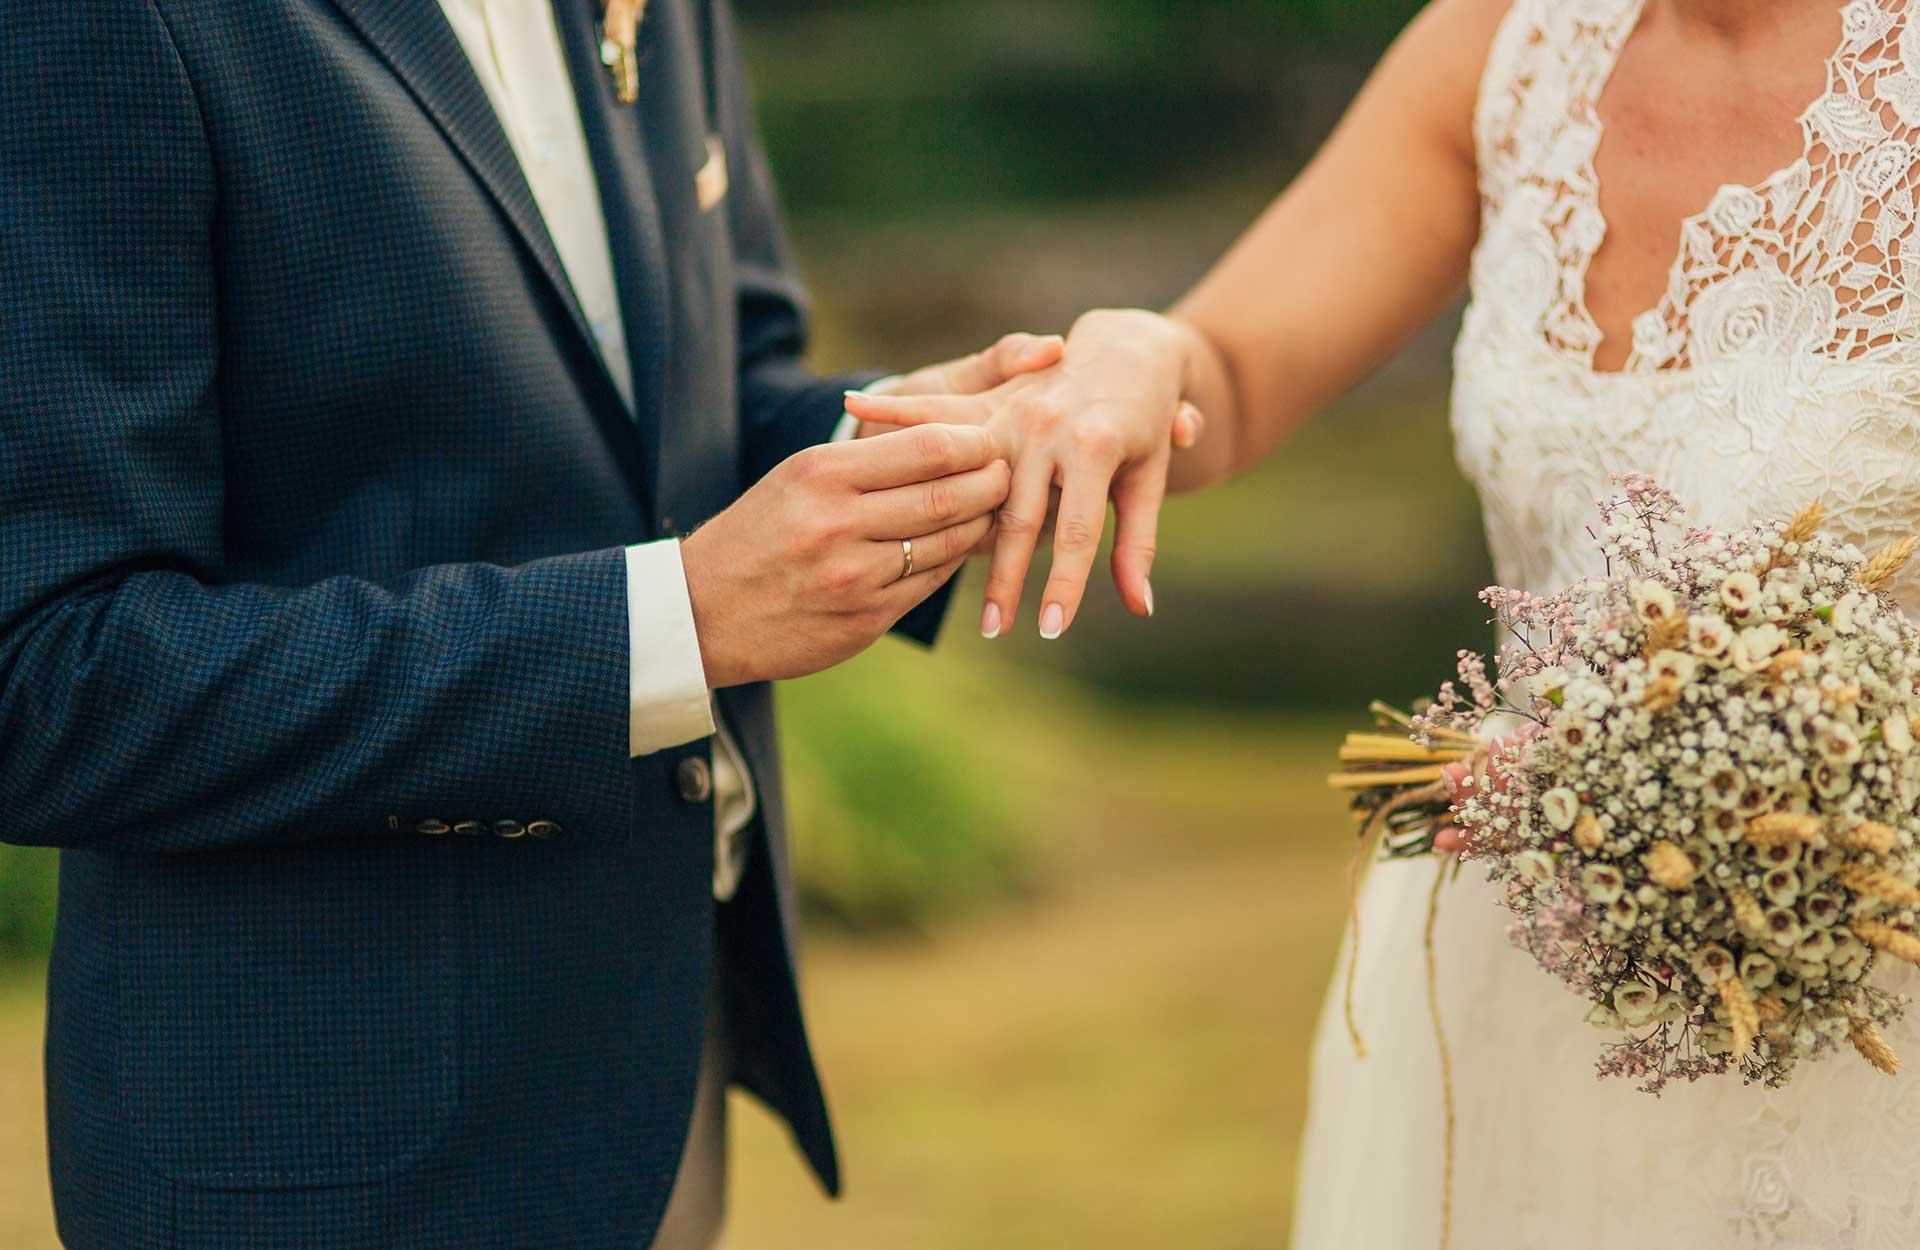 Fornye ekteskapsløftene